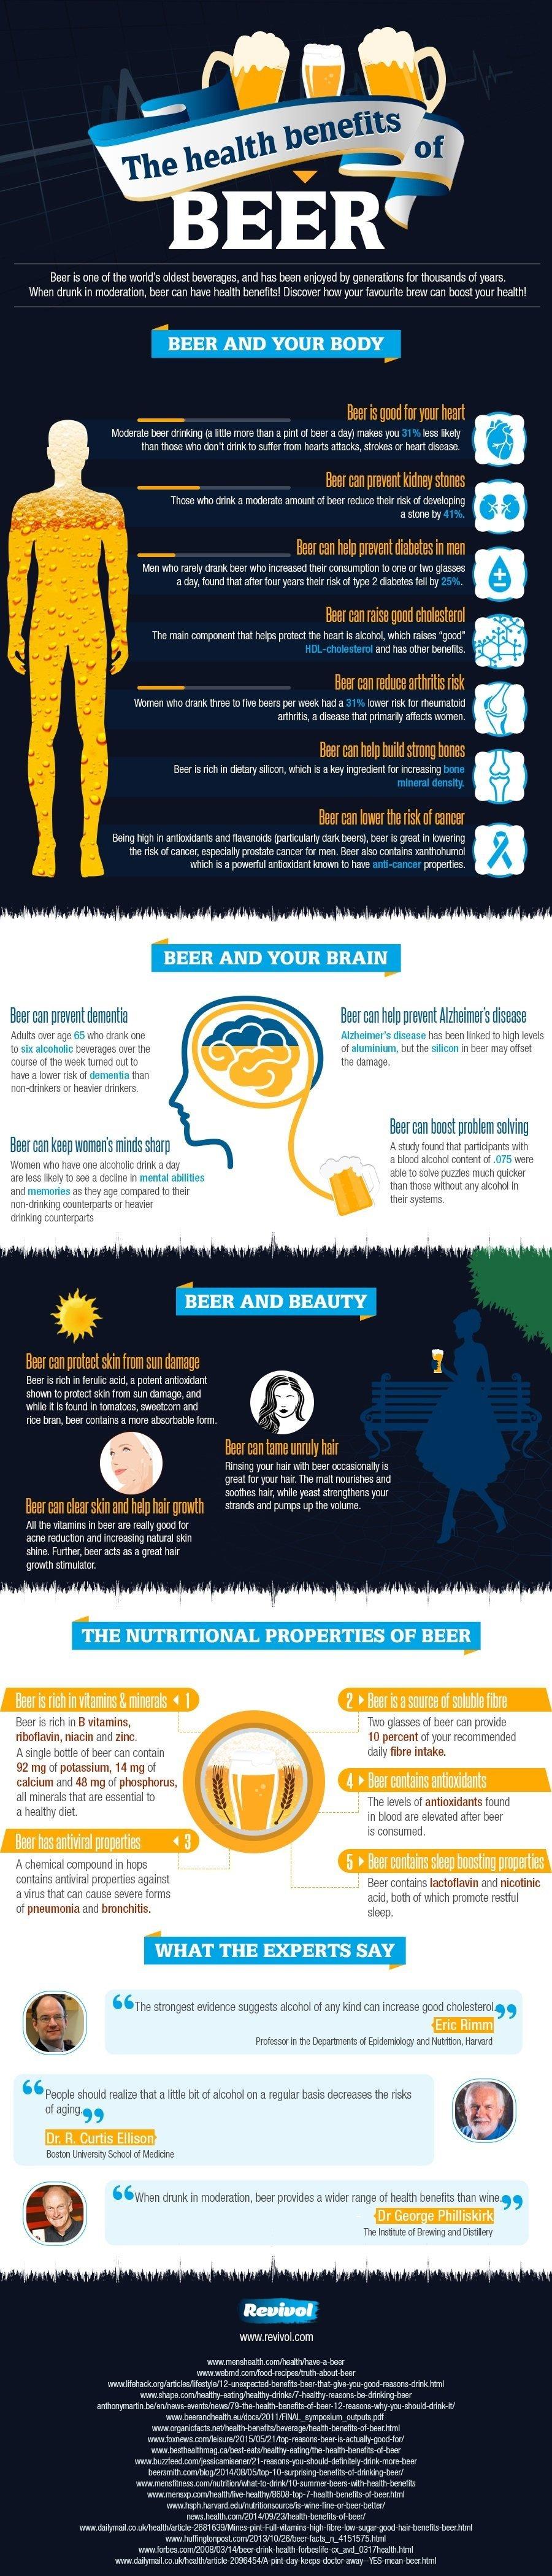 Health-Benefits-of-Beer-Infographic